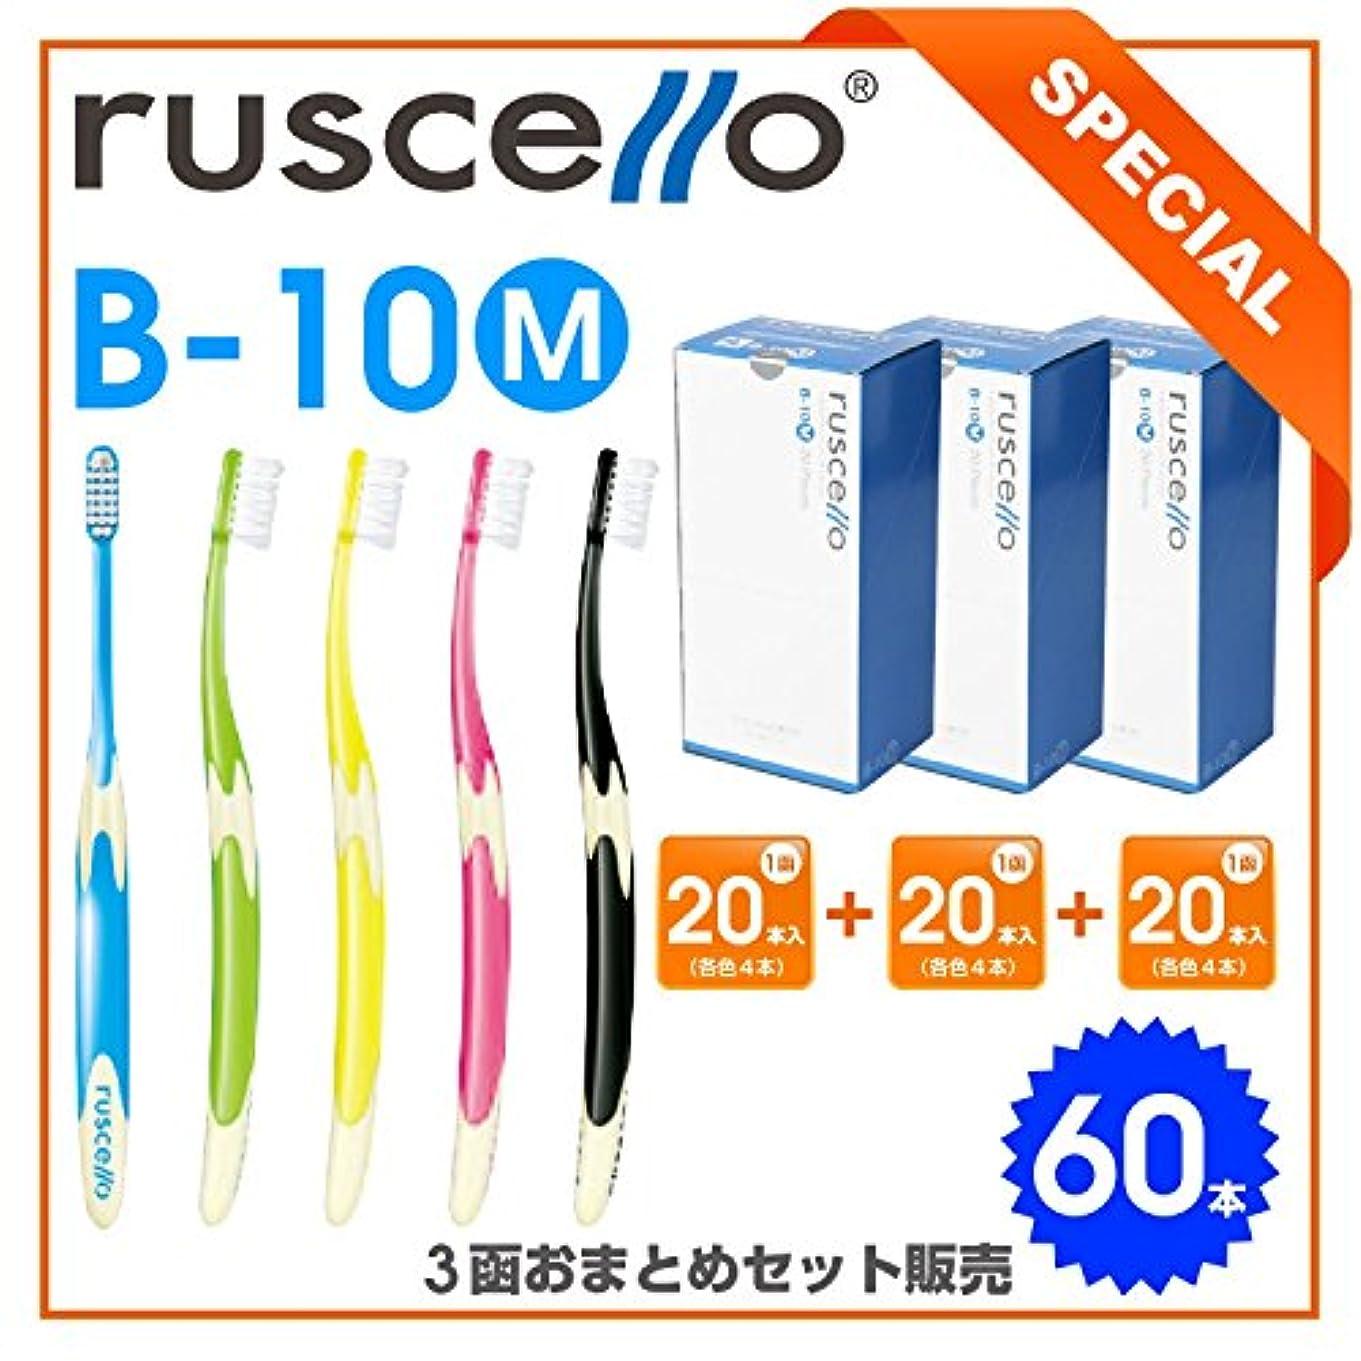 重くするアーサーコナンドイル毛皮GC ジーシー ルシェロ歯ブラシ<B-10>M ふつう 1函20本入×3函セット